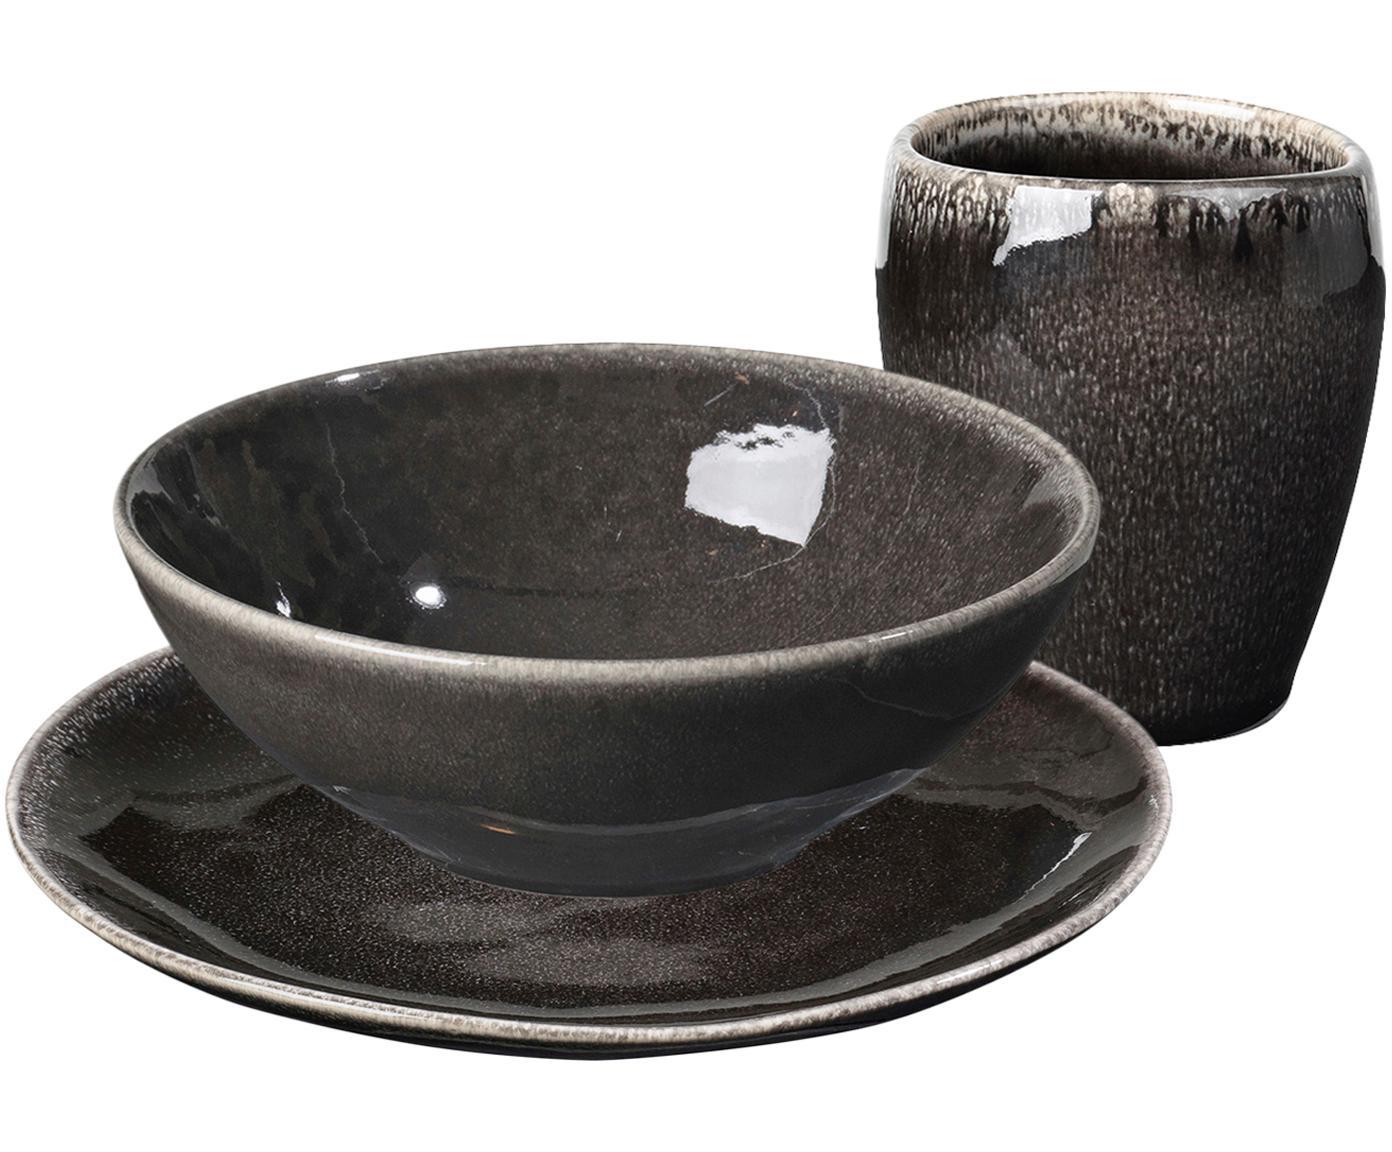 Handgemaakte ontbijtset Nordic Coal, 12-delig, Keramiek, Bruin, Verschillende formaten